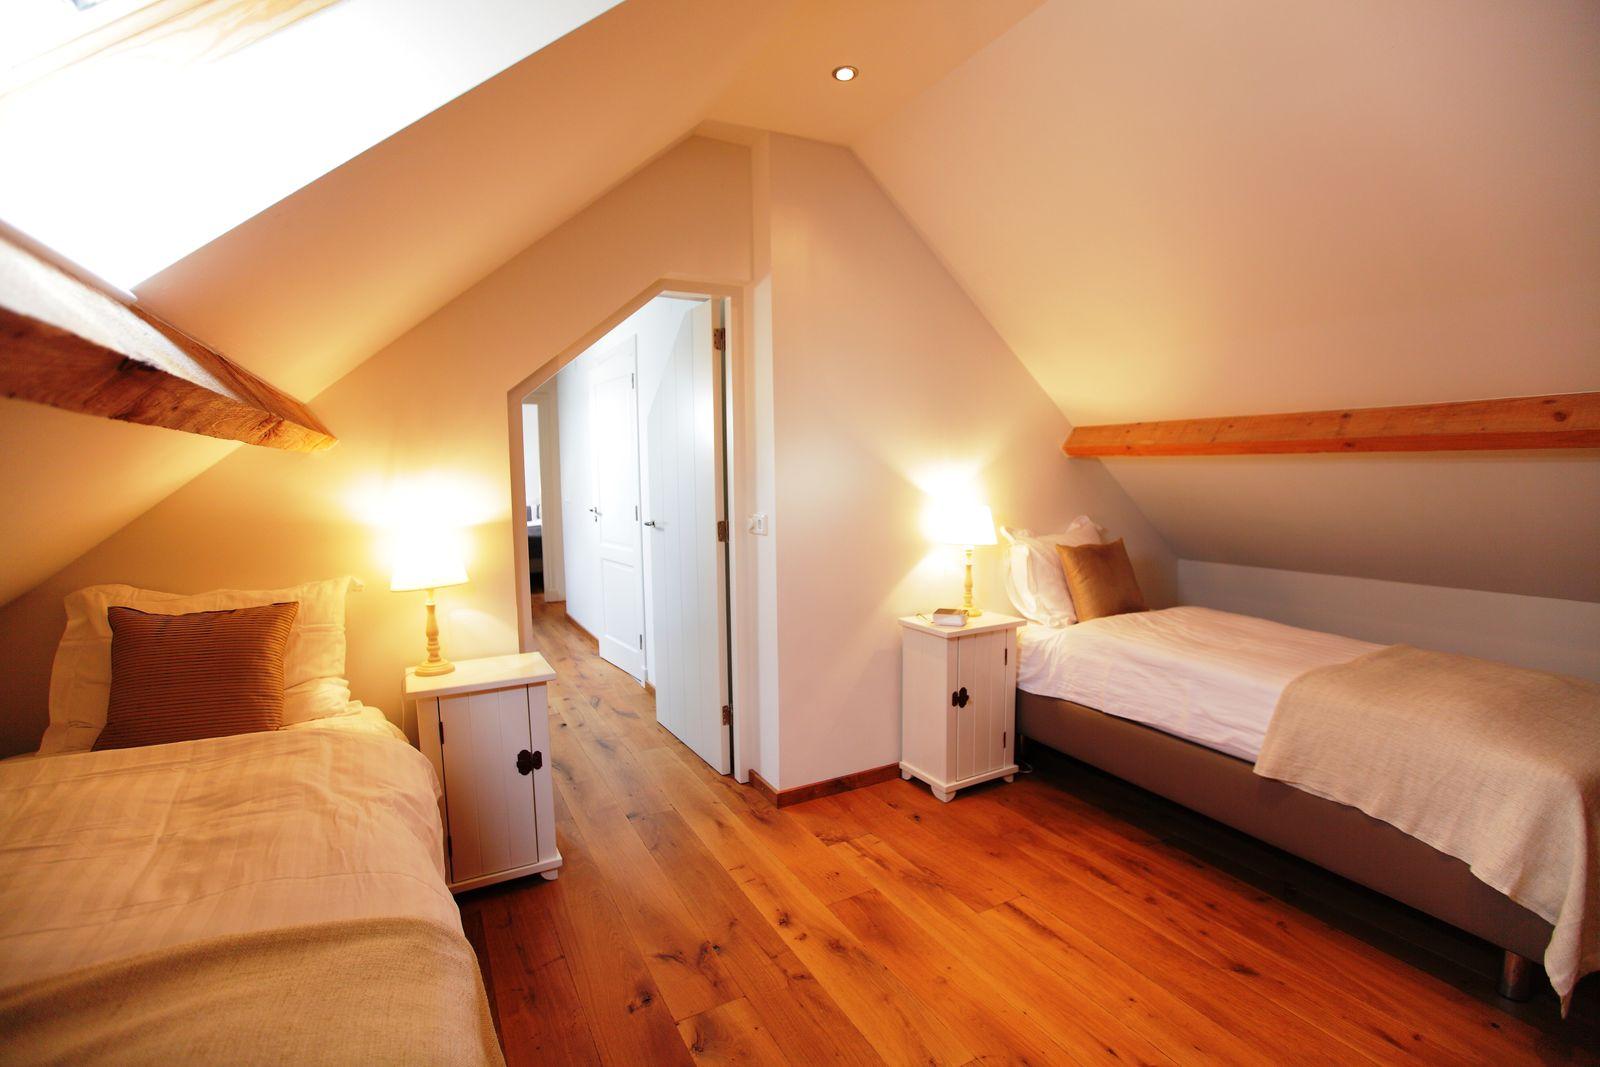 Afbeelding van Landgoed St. Geertruid Comtesse de Paris - vakantiehuis in Limburg met sauna en hottub